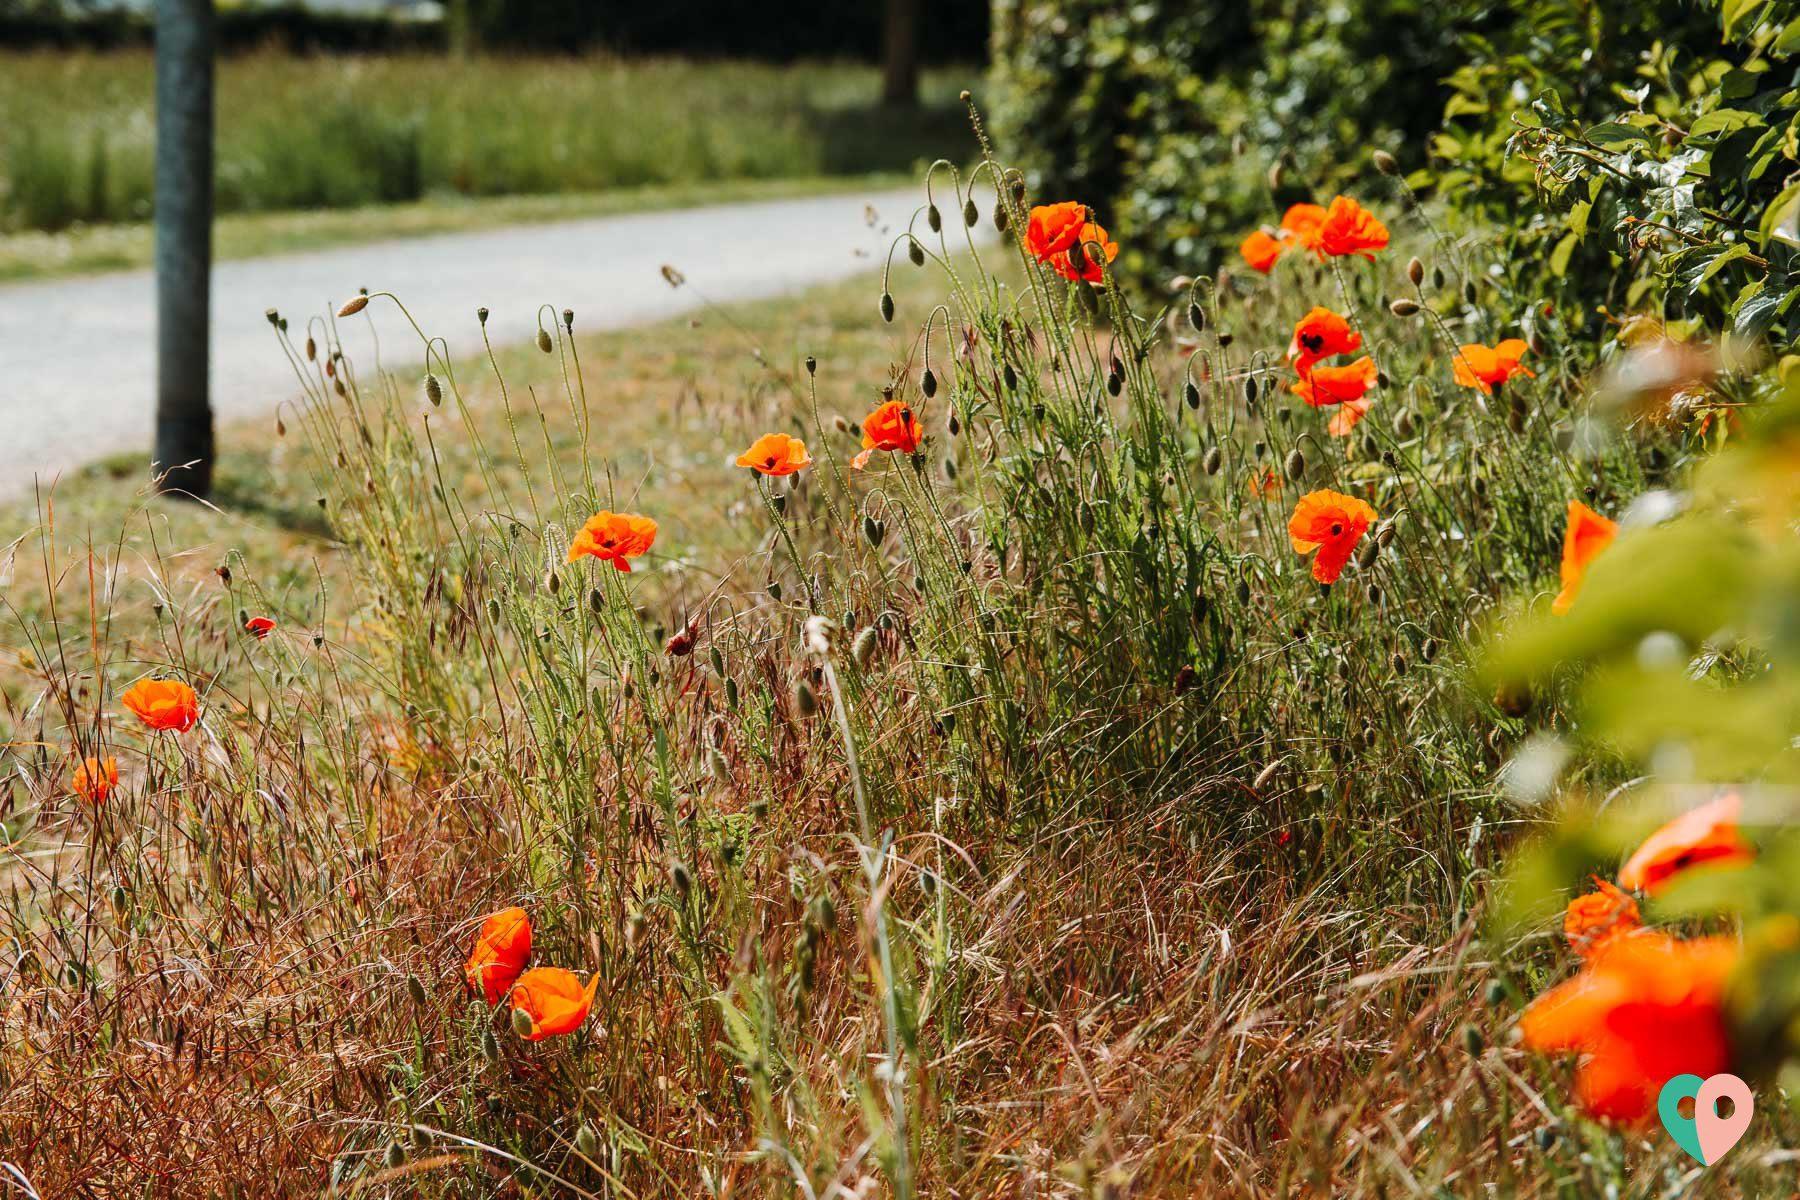 Mohnblumen - WaWaWe Nette Seen im Naturpark Schwalm-Nette